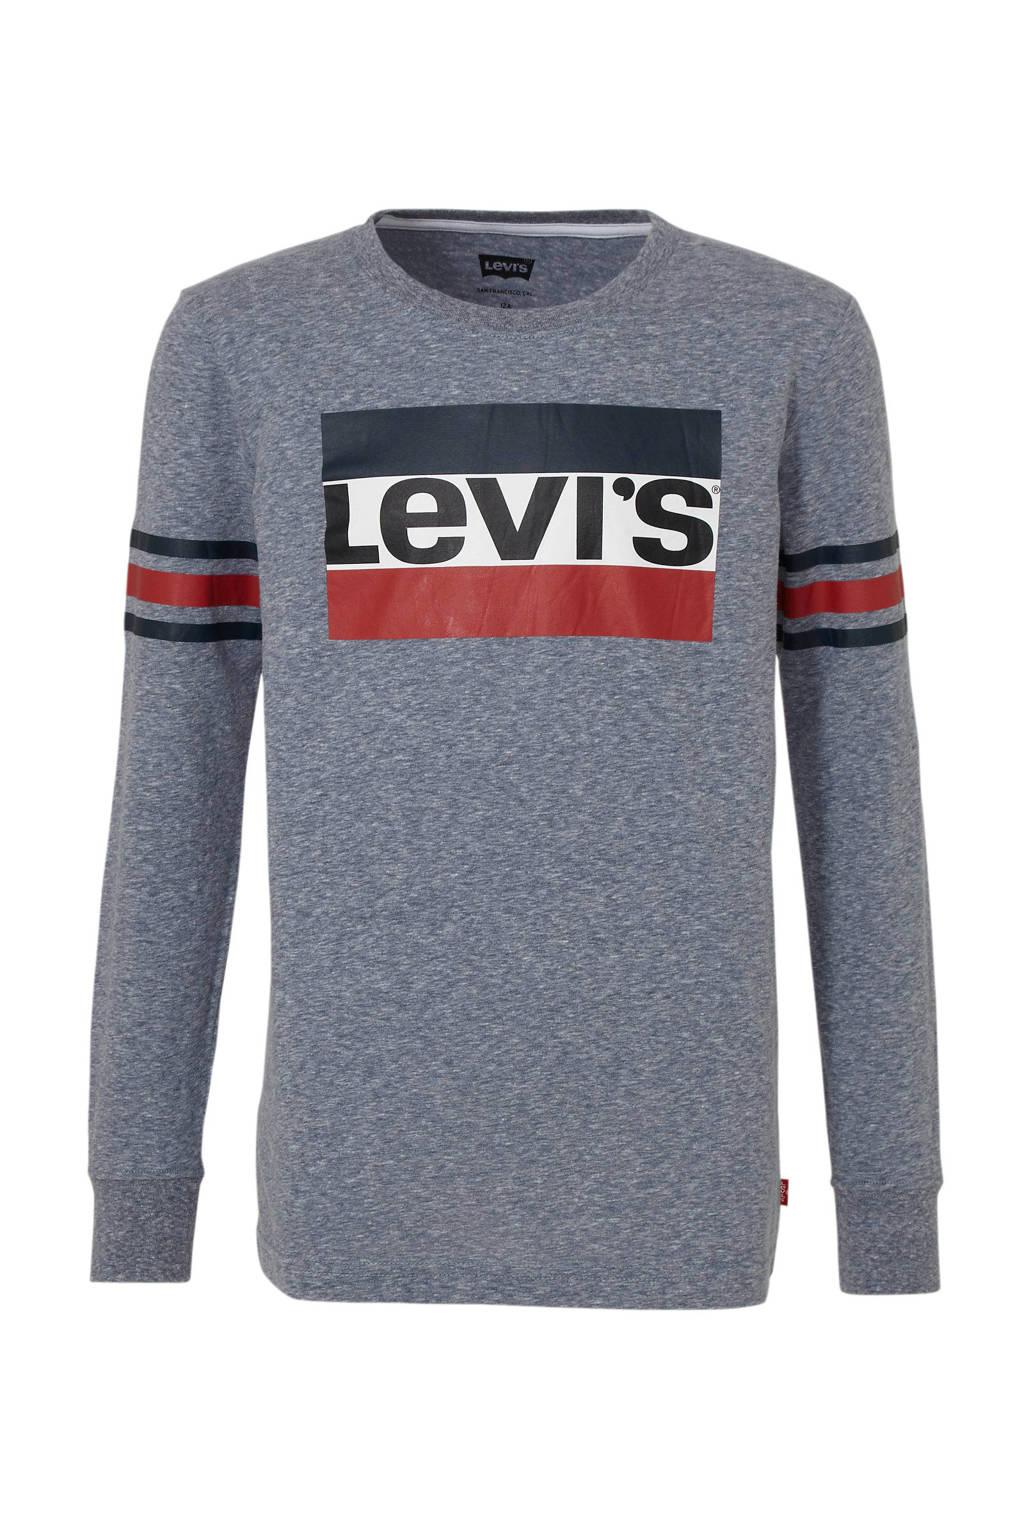 Levi's Kids longsleeve Geoffrey met logo blauw melange